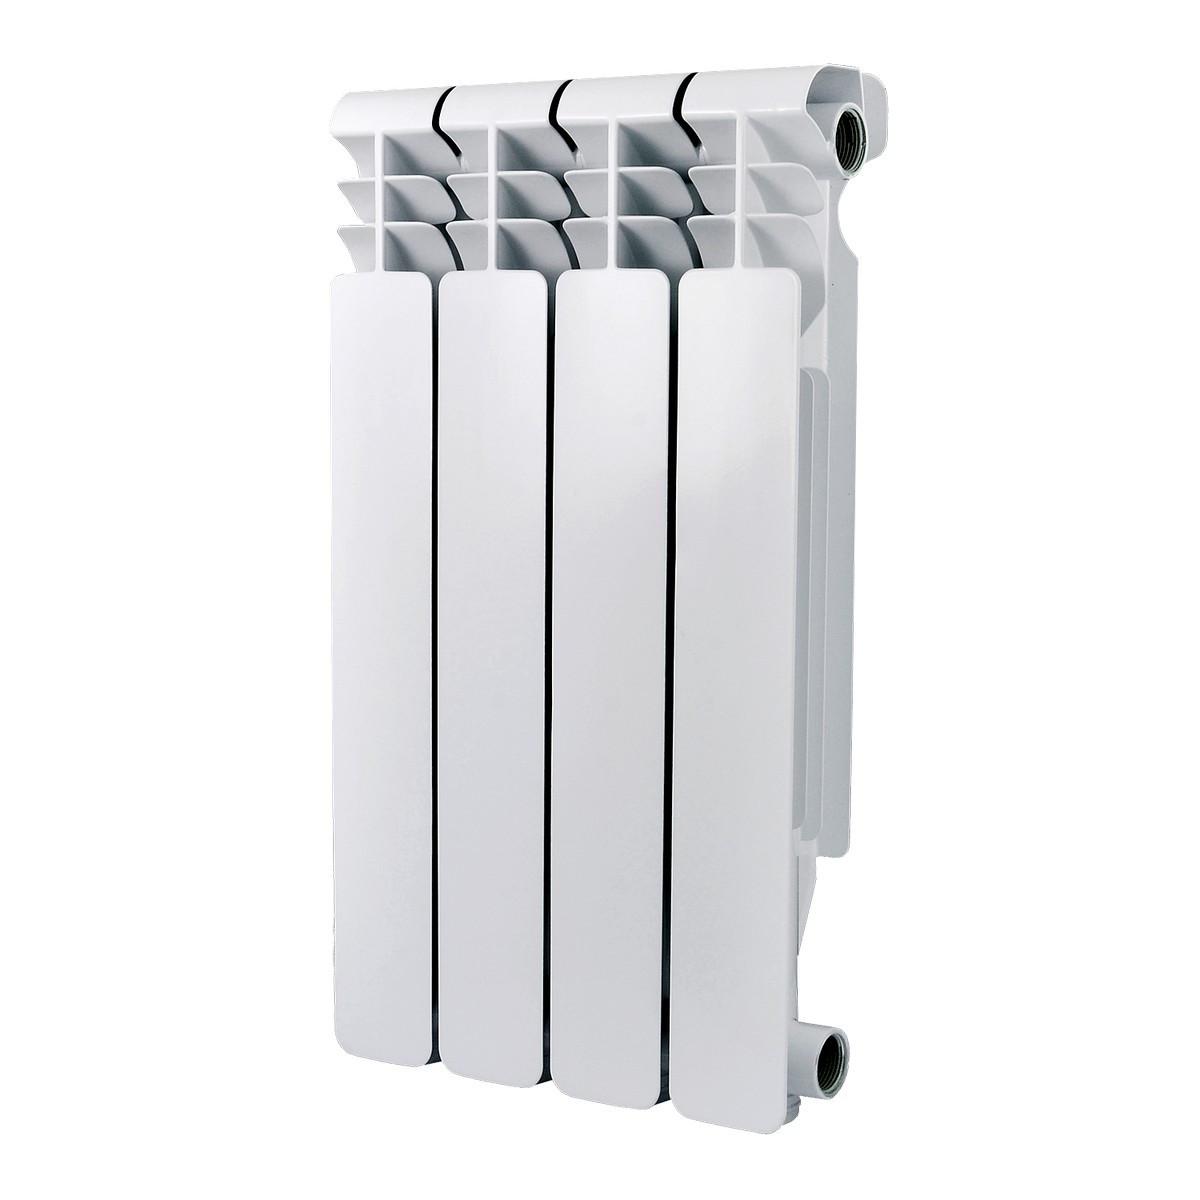 Радиатор алюминий Classic 500 12 секций Ogint 017-3779